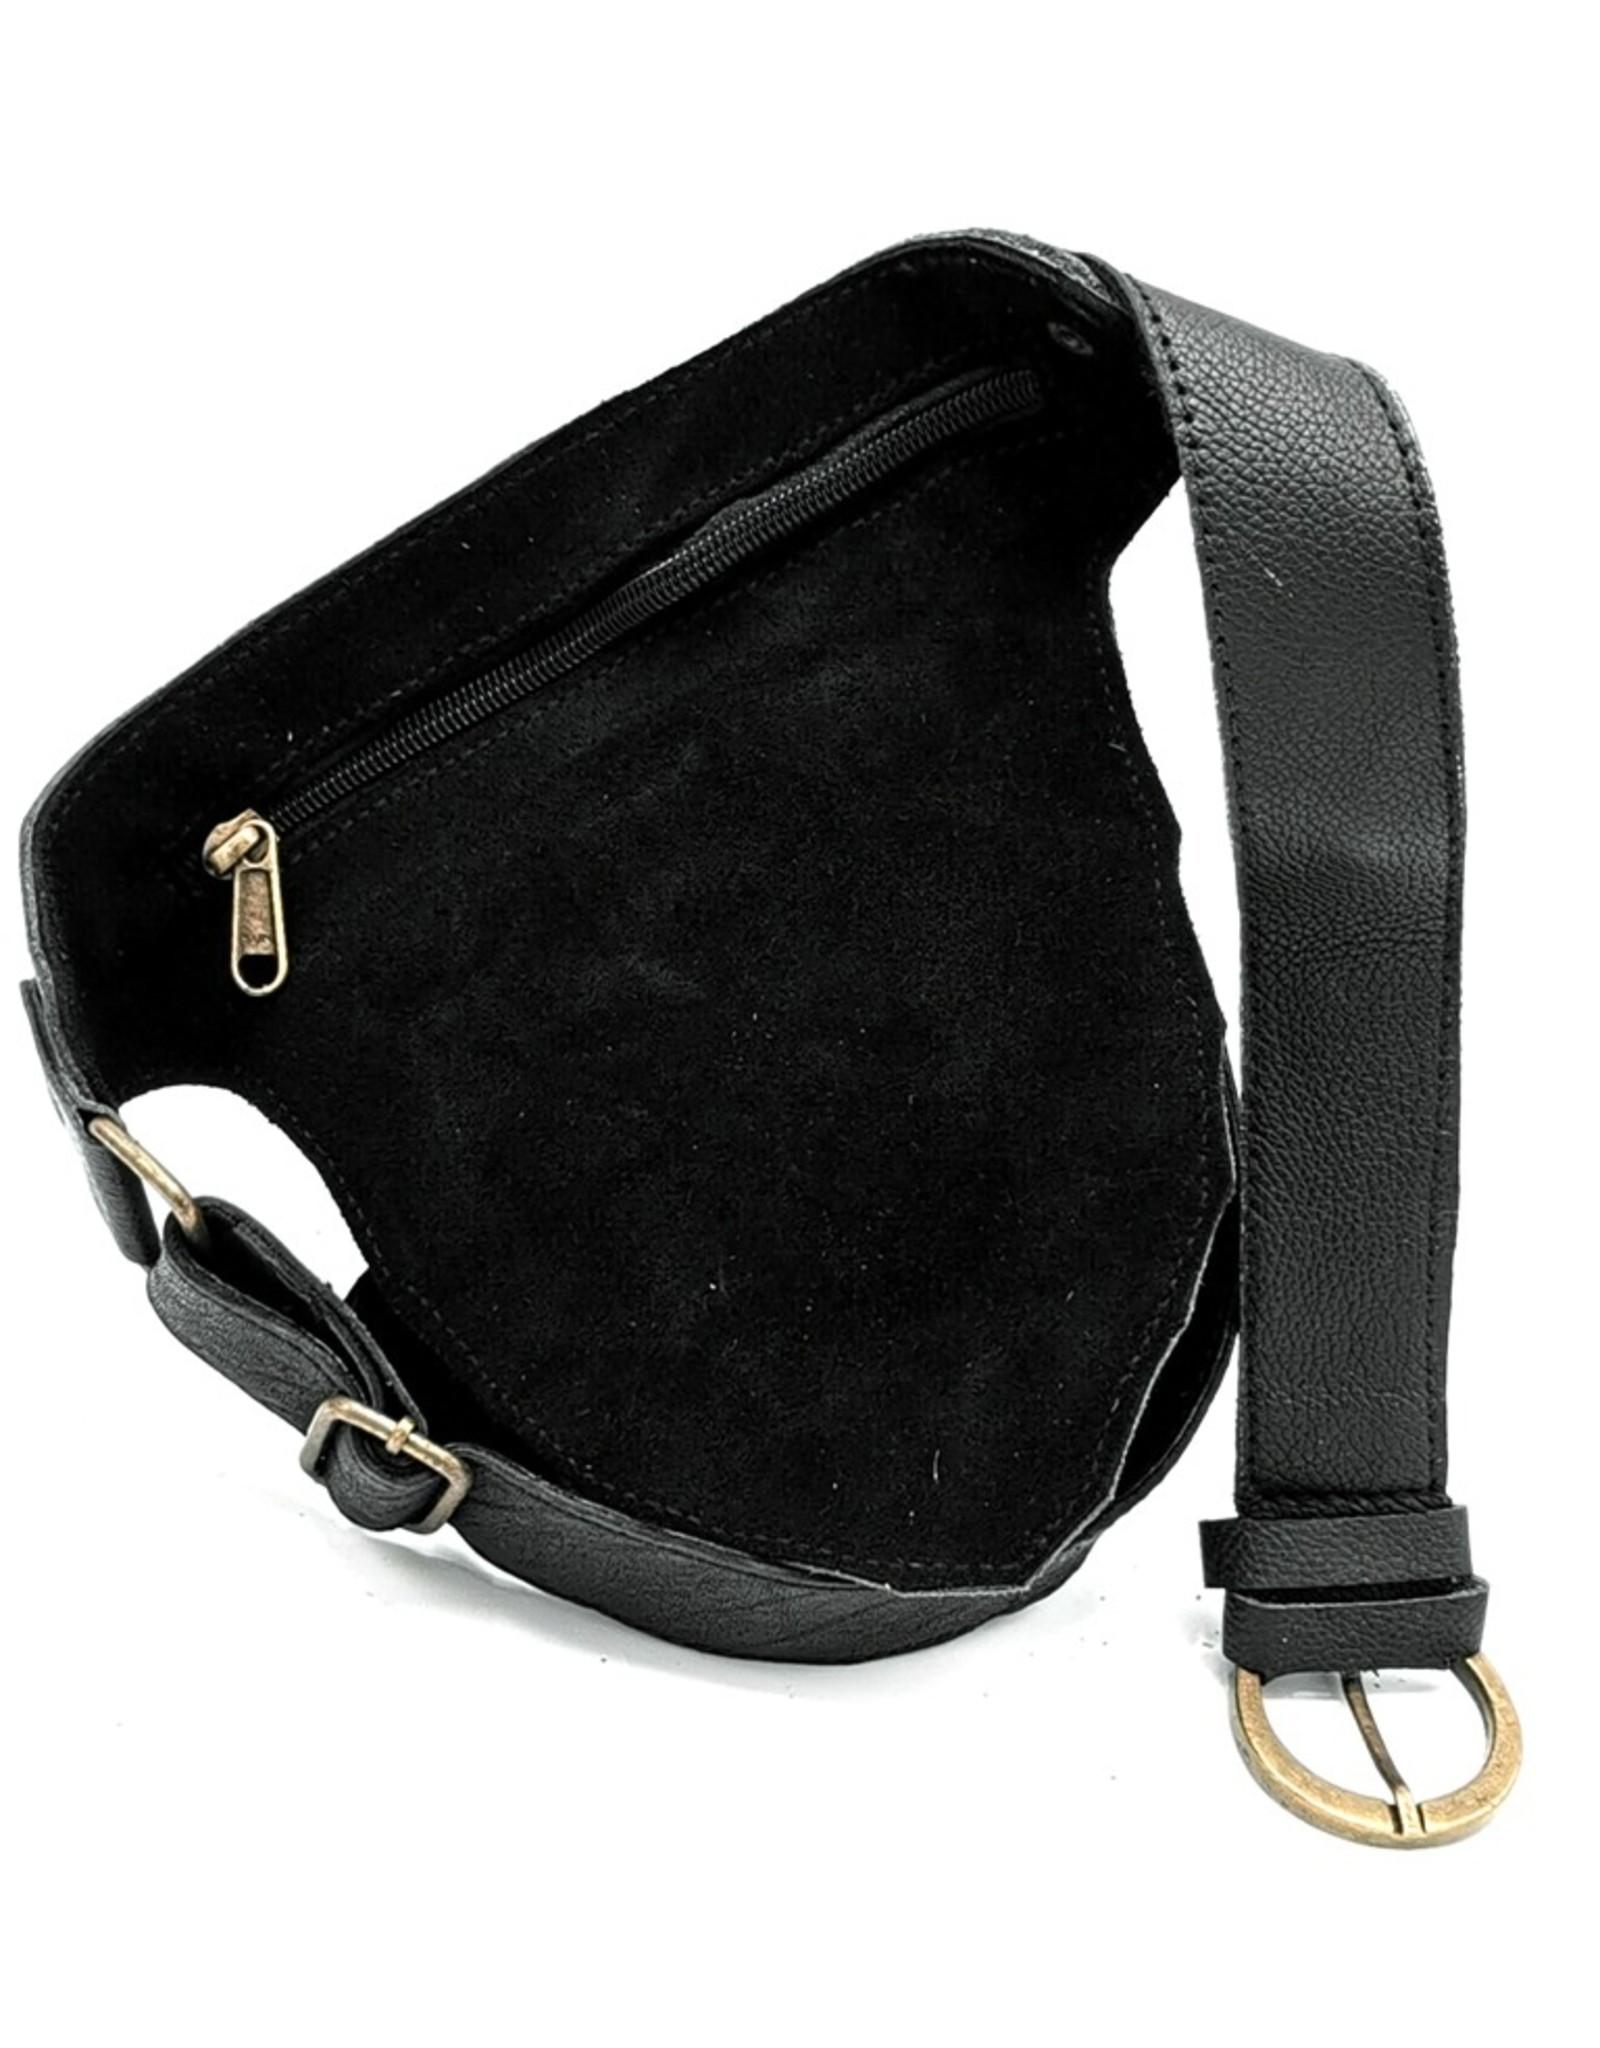 Heuptas-festivaltasje-koeienhuid Leather Festival bags, waist bags and belt bags - Leather waist bag with cowhide (black)